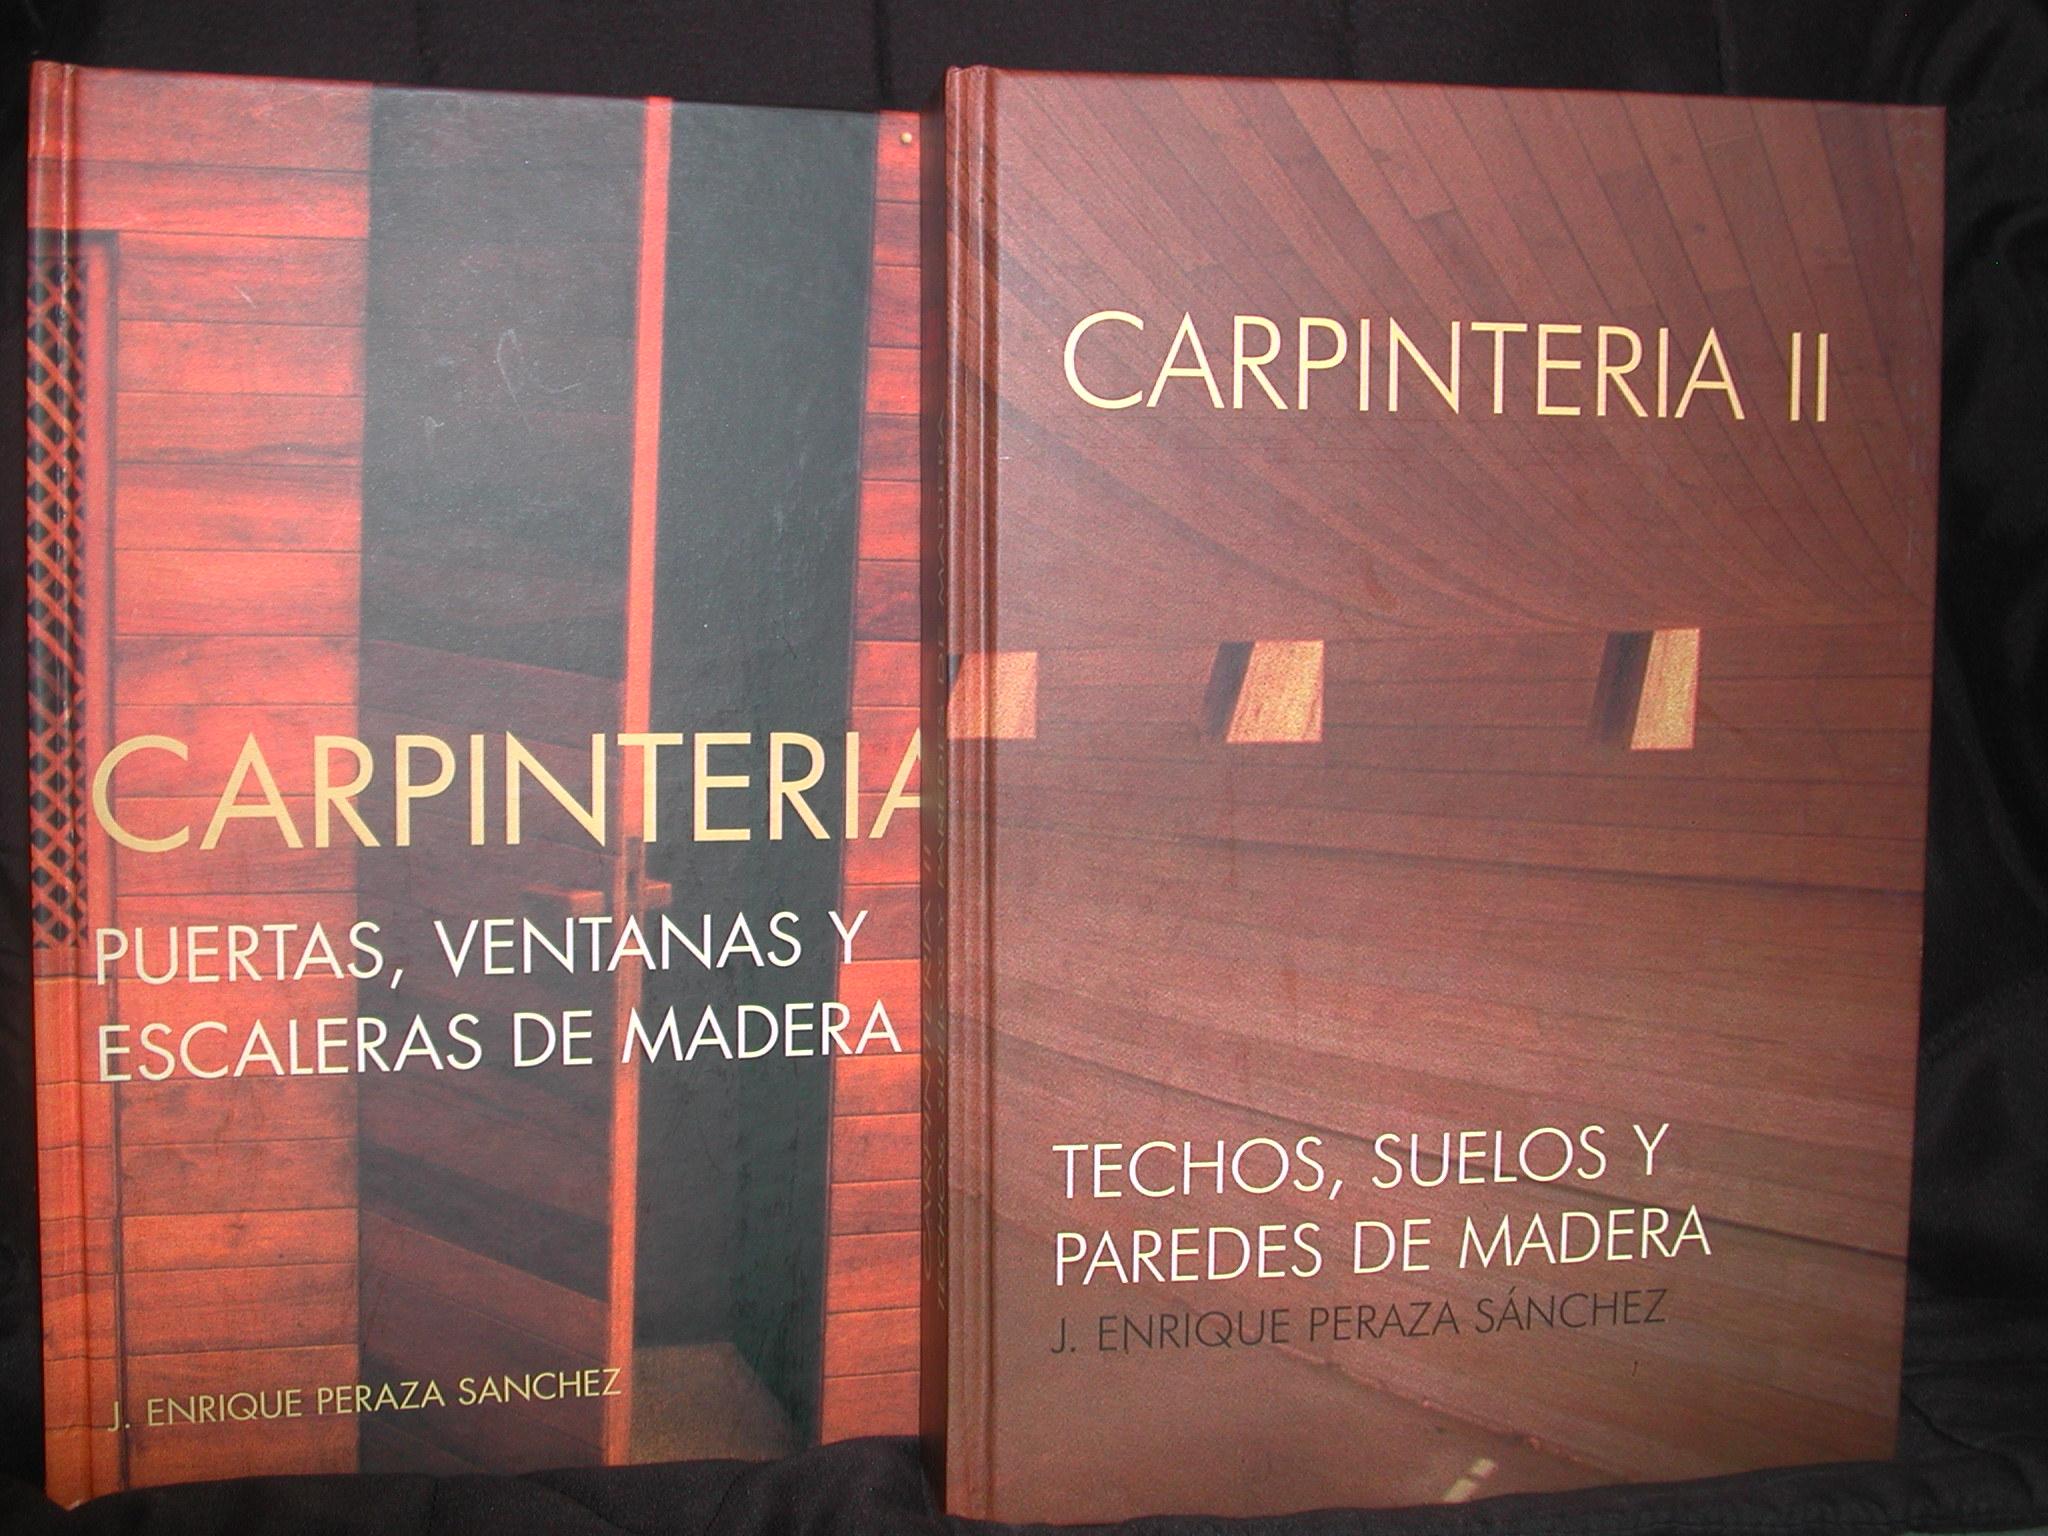 aitim publicaciones y venta de libros sobre la madera